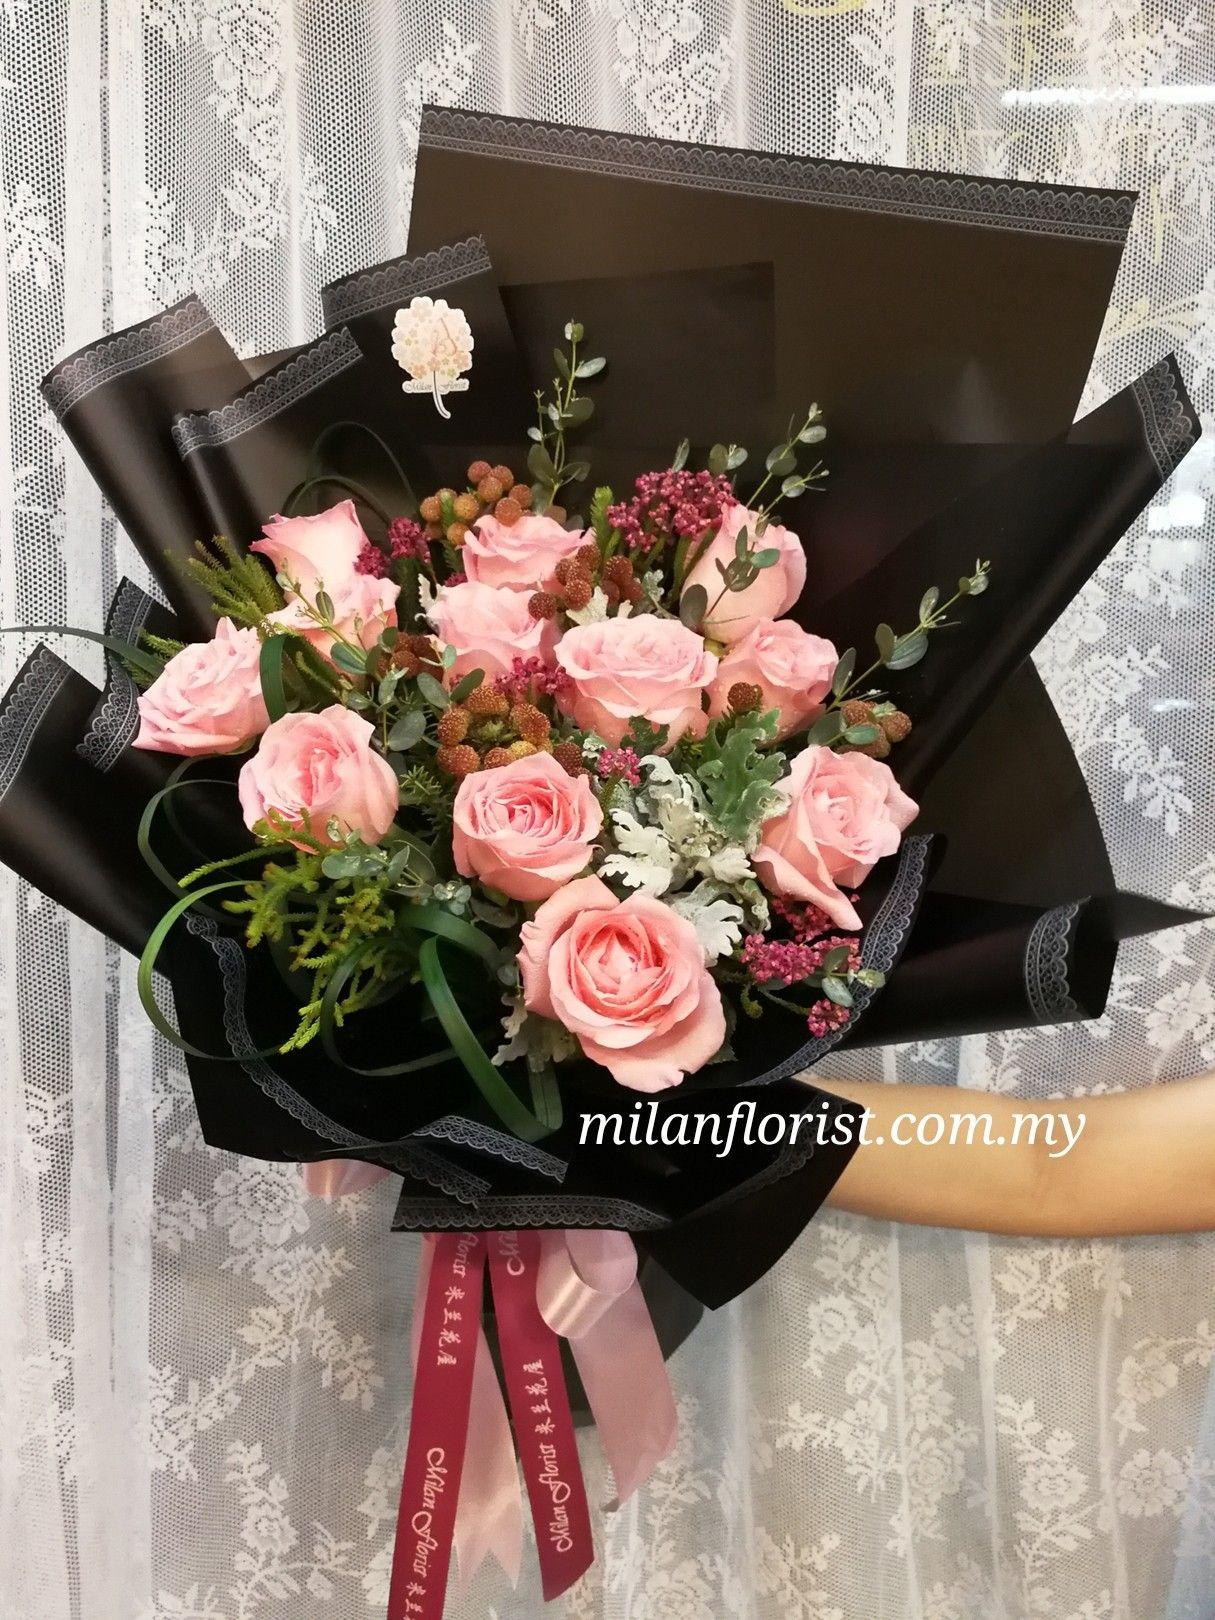 Hand Bouquet Floral Arrangement Flower Arrangements Bouquets Centerpieces Girly Mesas Flower Arrangement Home Decor Floral Arrangements